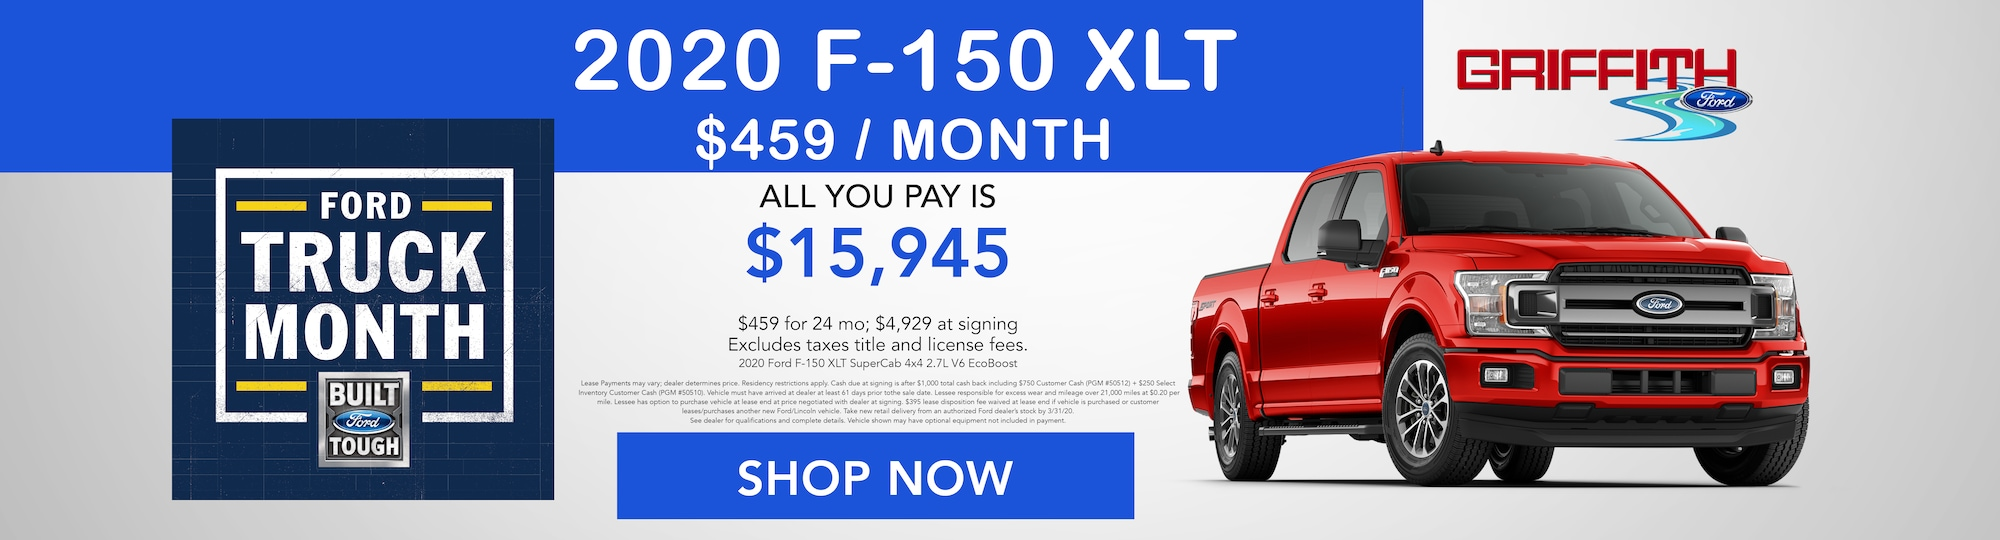 Griffith Ford Seguin >> Griffith Ford Seguin | Ford Dealership in Seguin TX